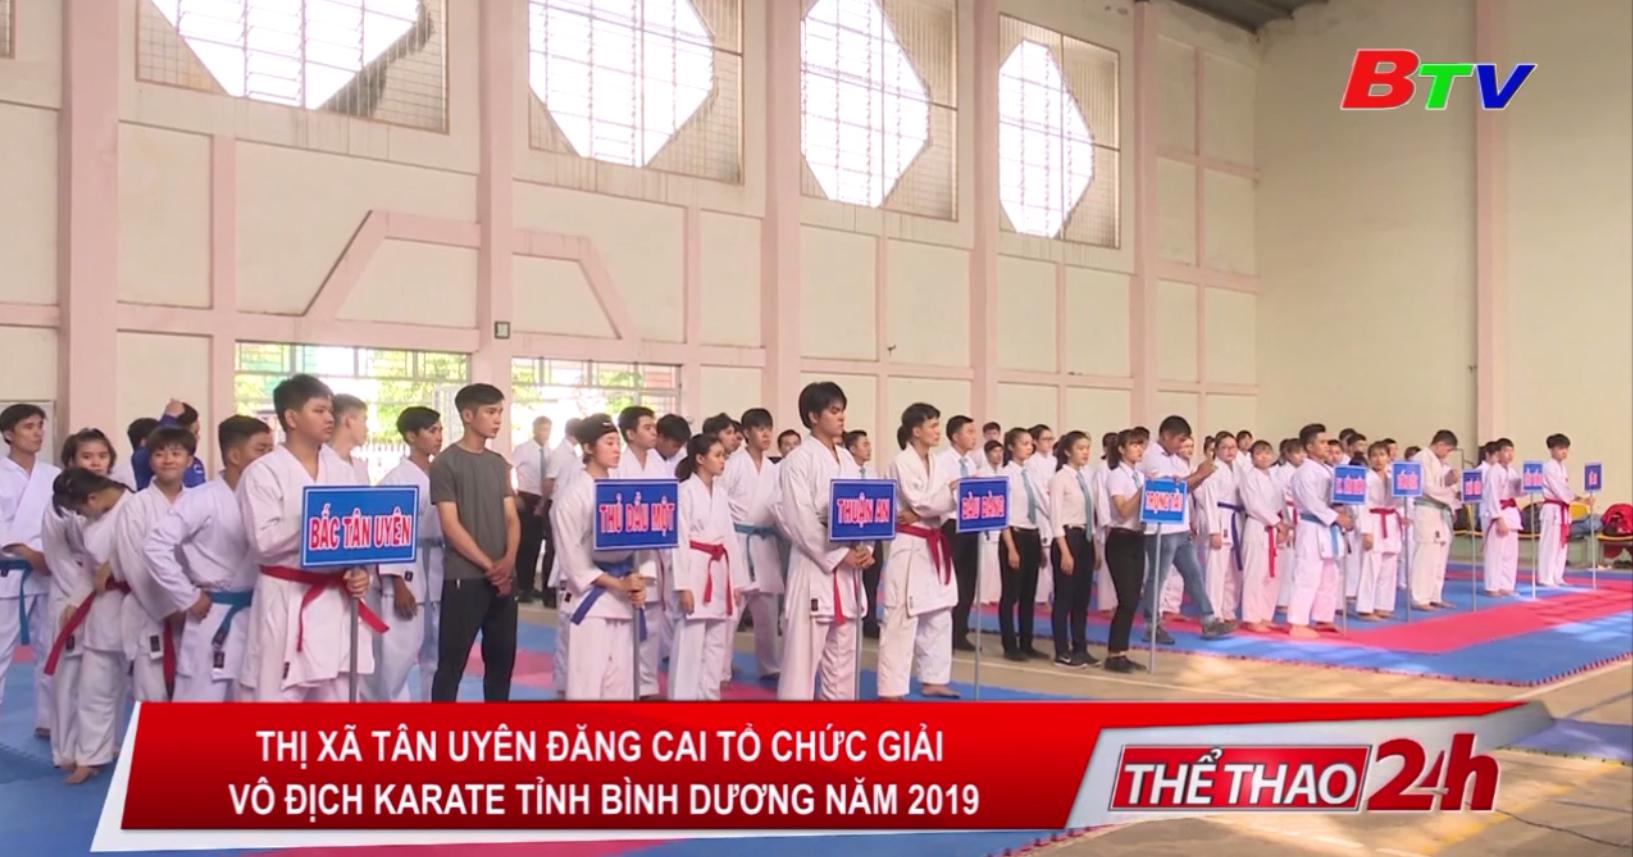 Thị xã Tân Uyên đăng cai tổ chức Giải vô địch Karate tỉnh Bình Dương năm 2019